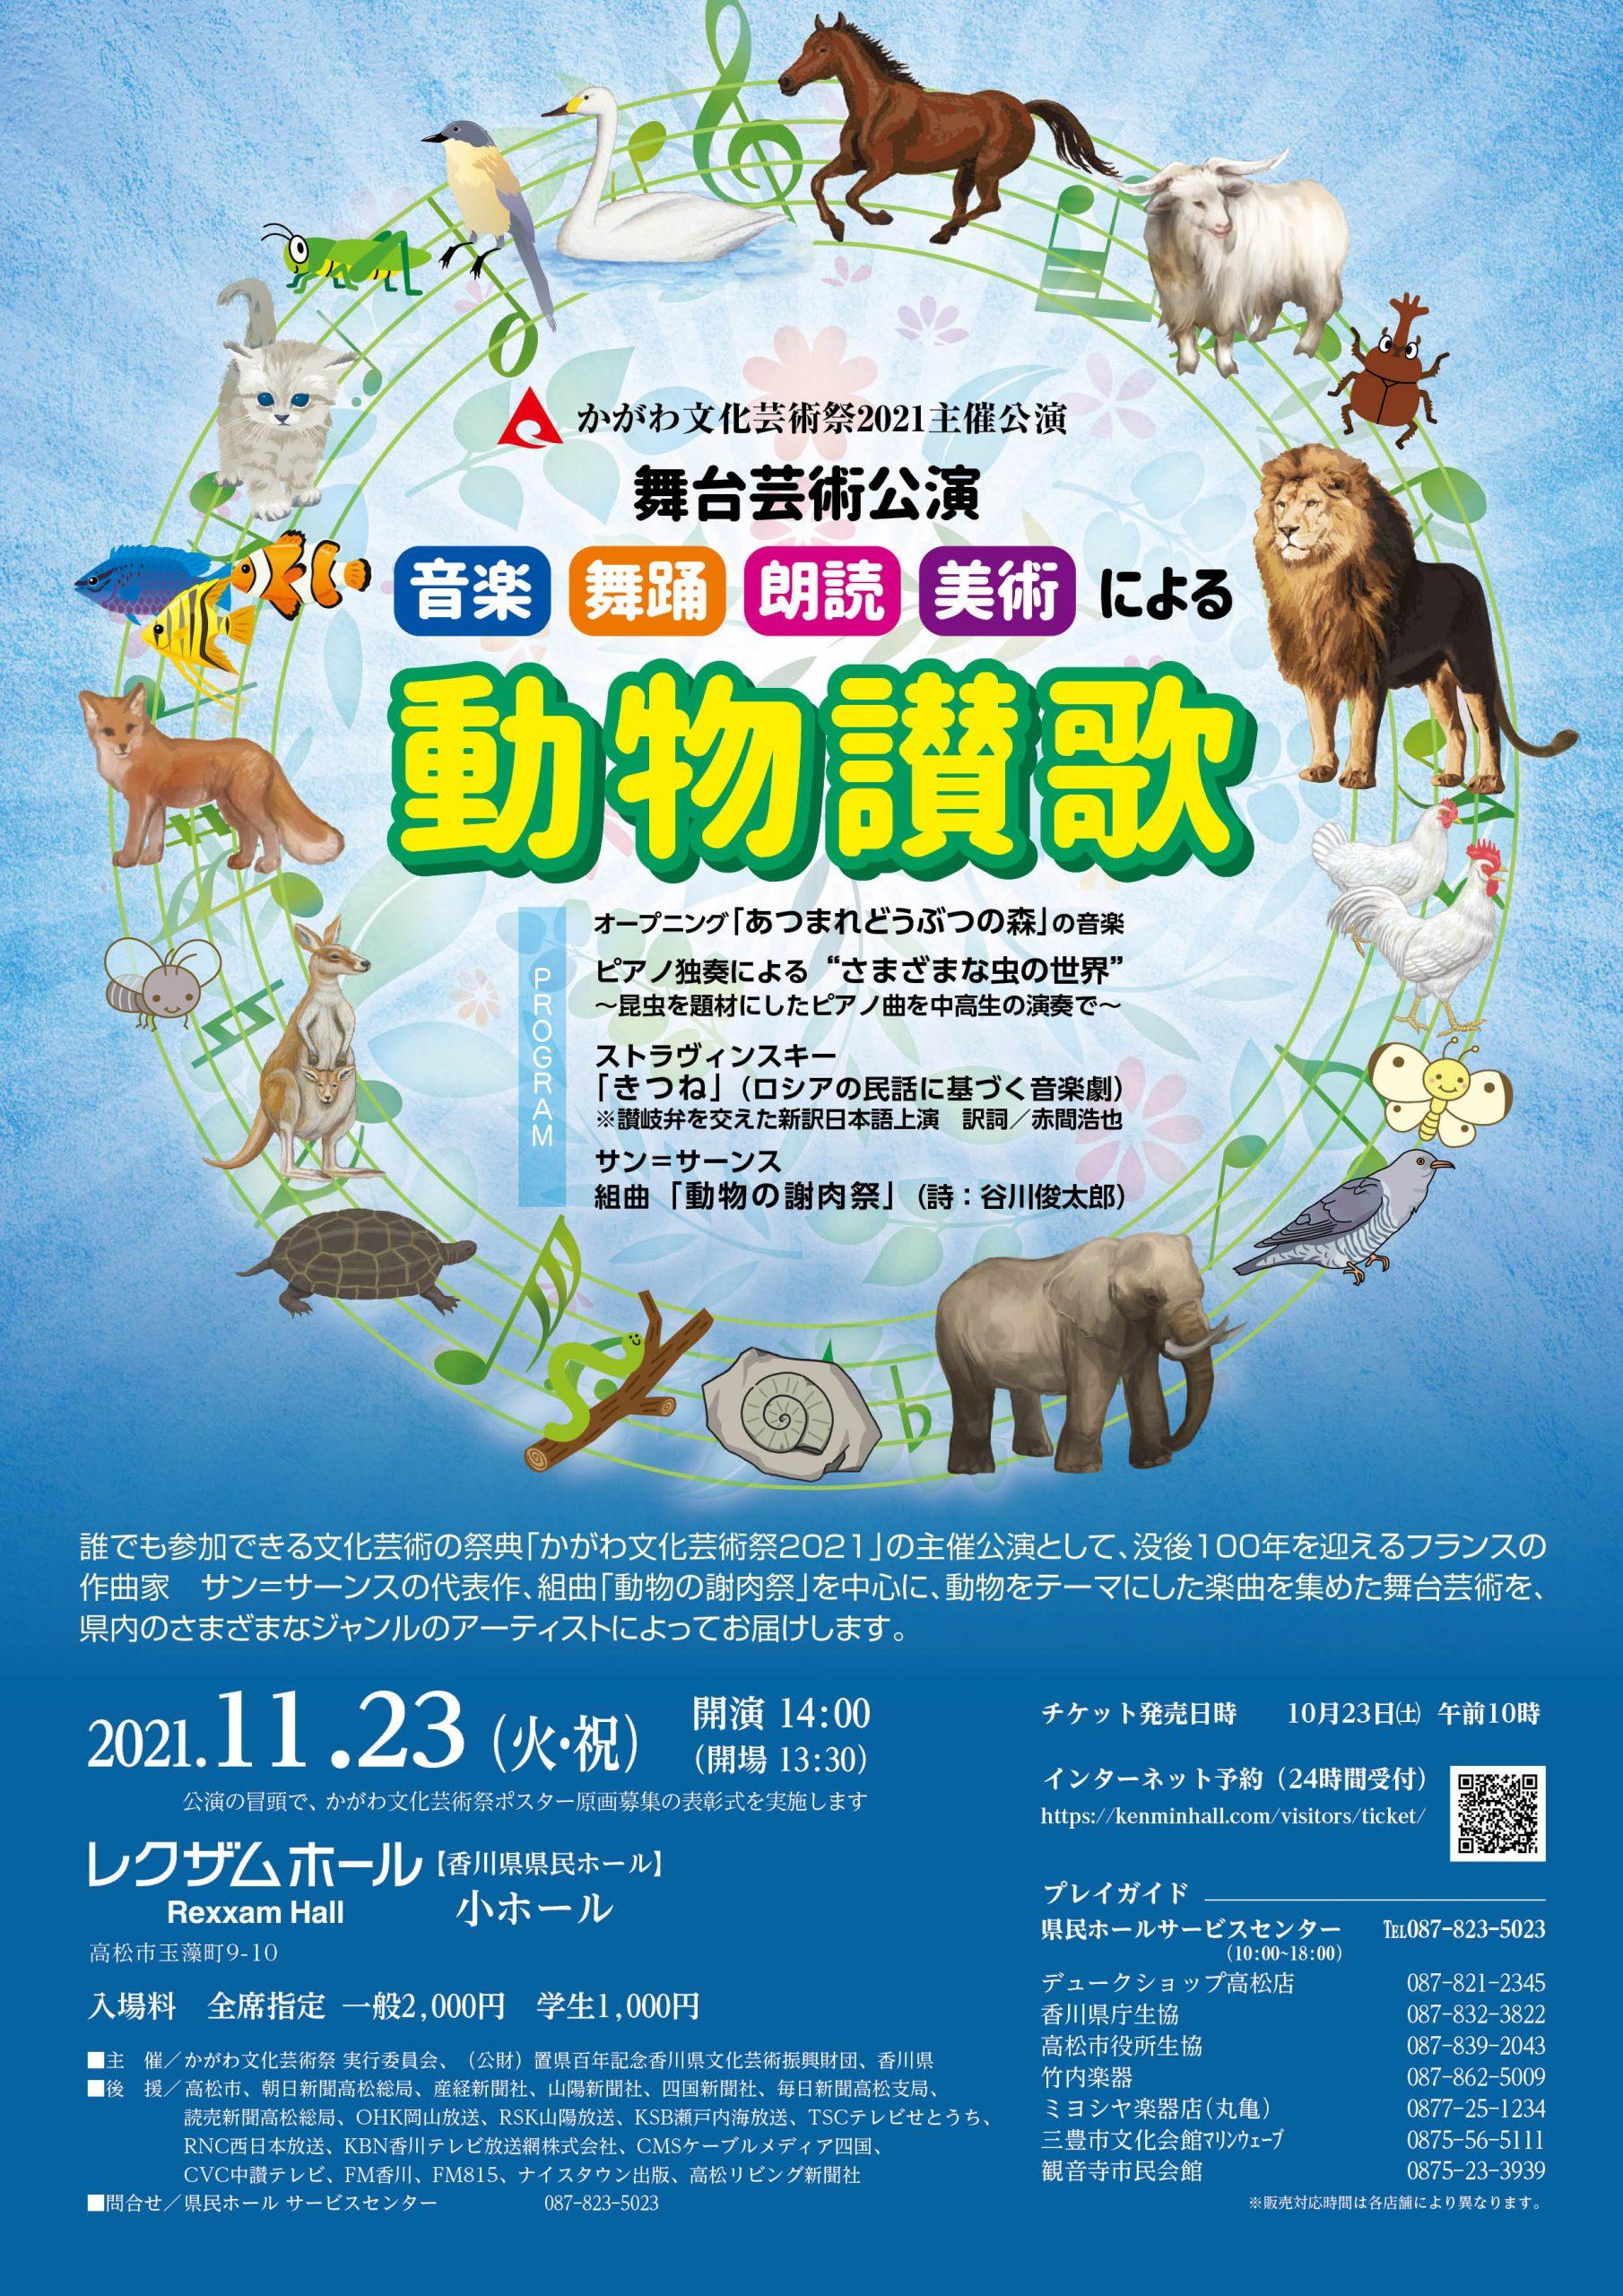 舞台芸術公演 音楽、舞踊、朗読、美術による 動物讃歌